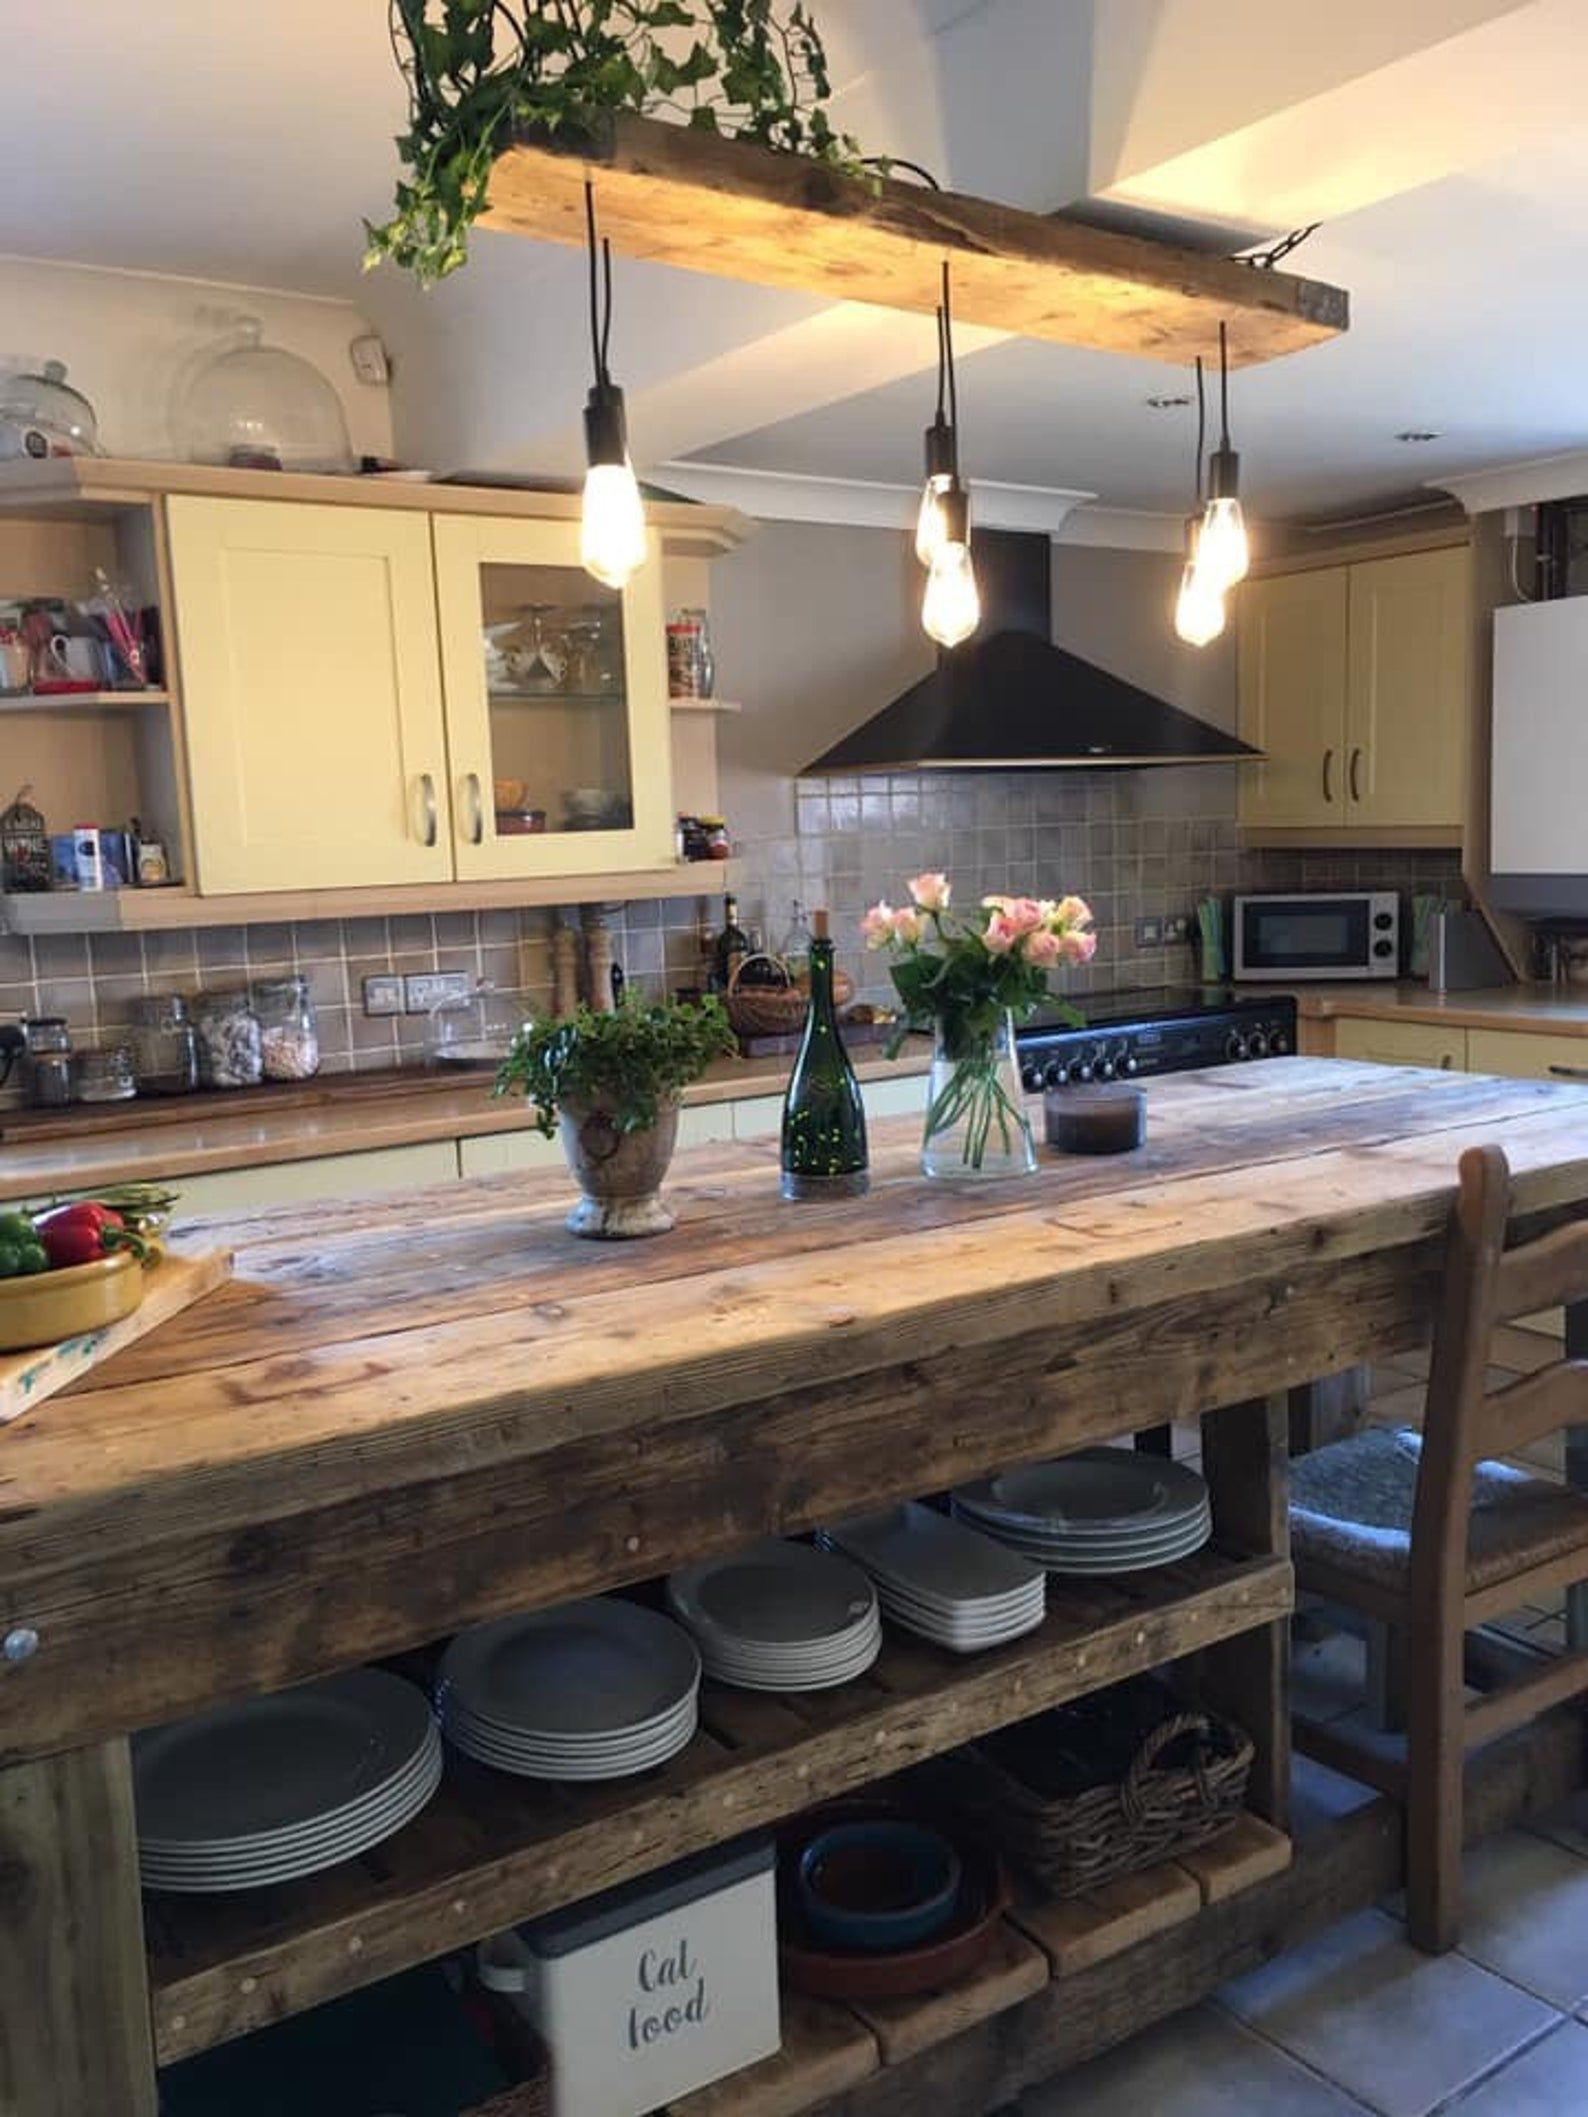 Kitchen Island Etsy Rustic Kitchen Design Rustic Farmhouse Kitchen Farmhouse Kitchen Decor